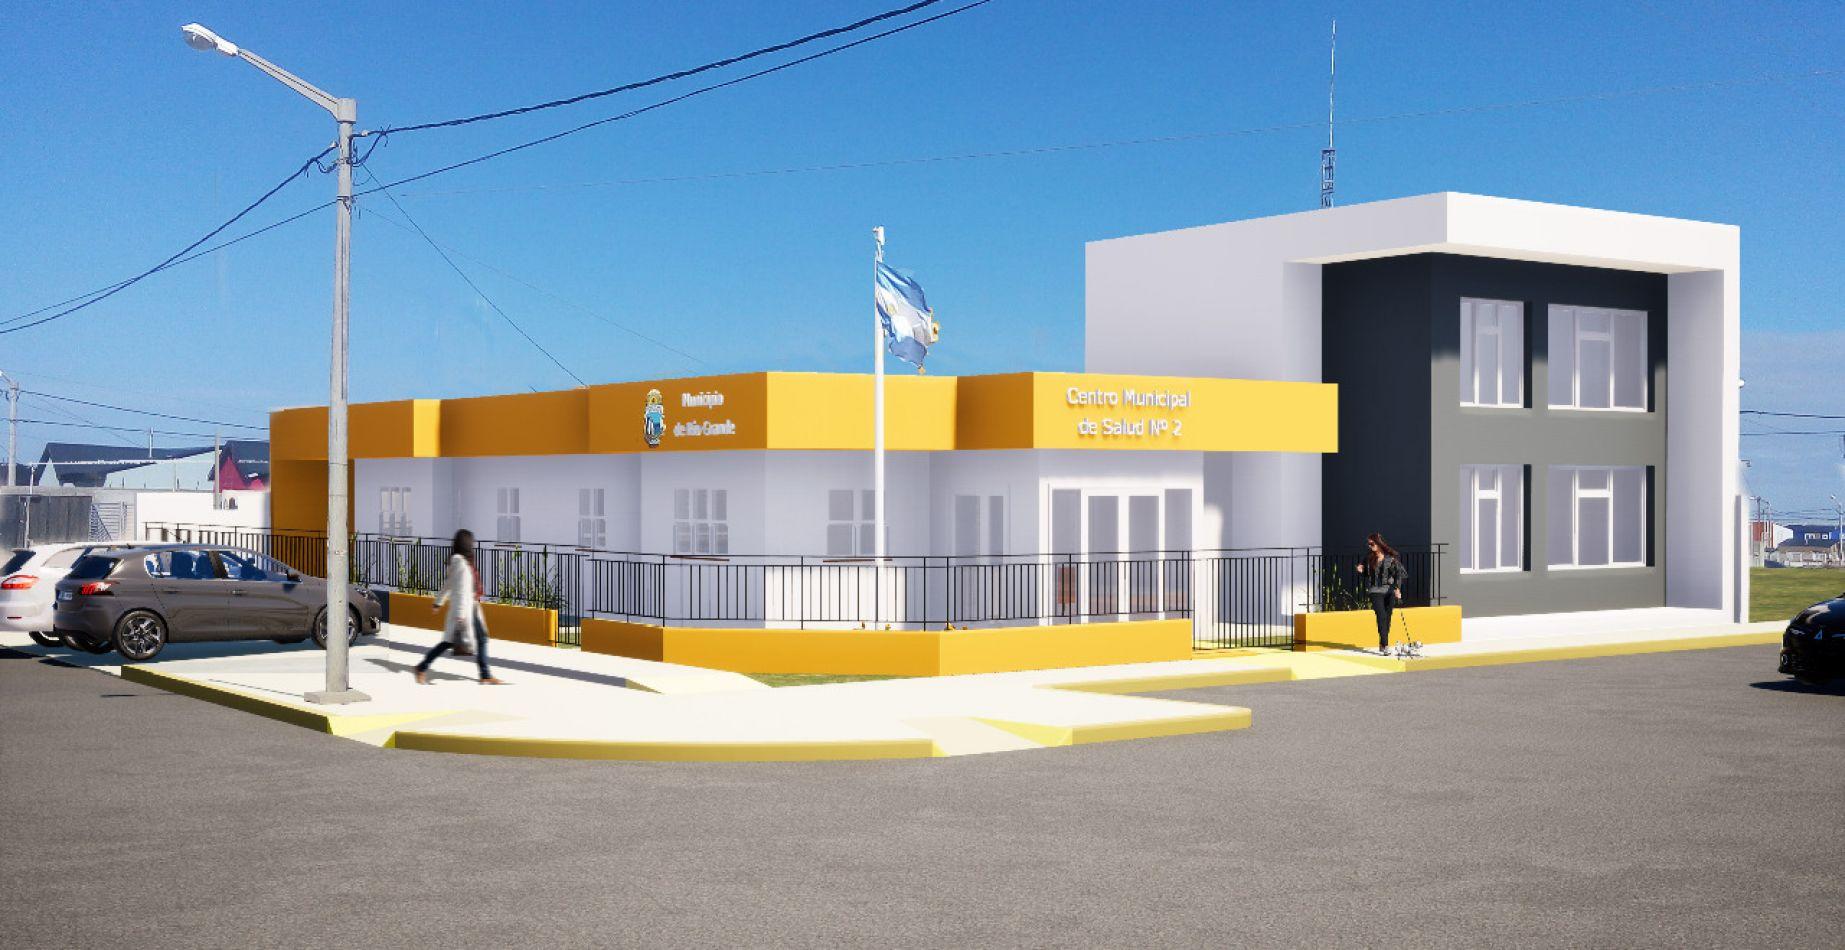 El proyecto de ampliación del Centro Municipal de Salud Nº 2